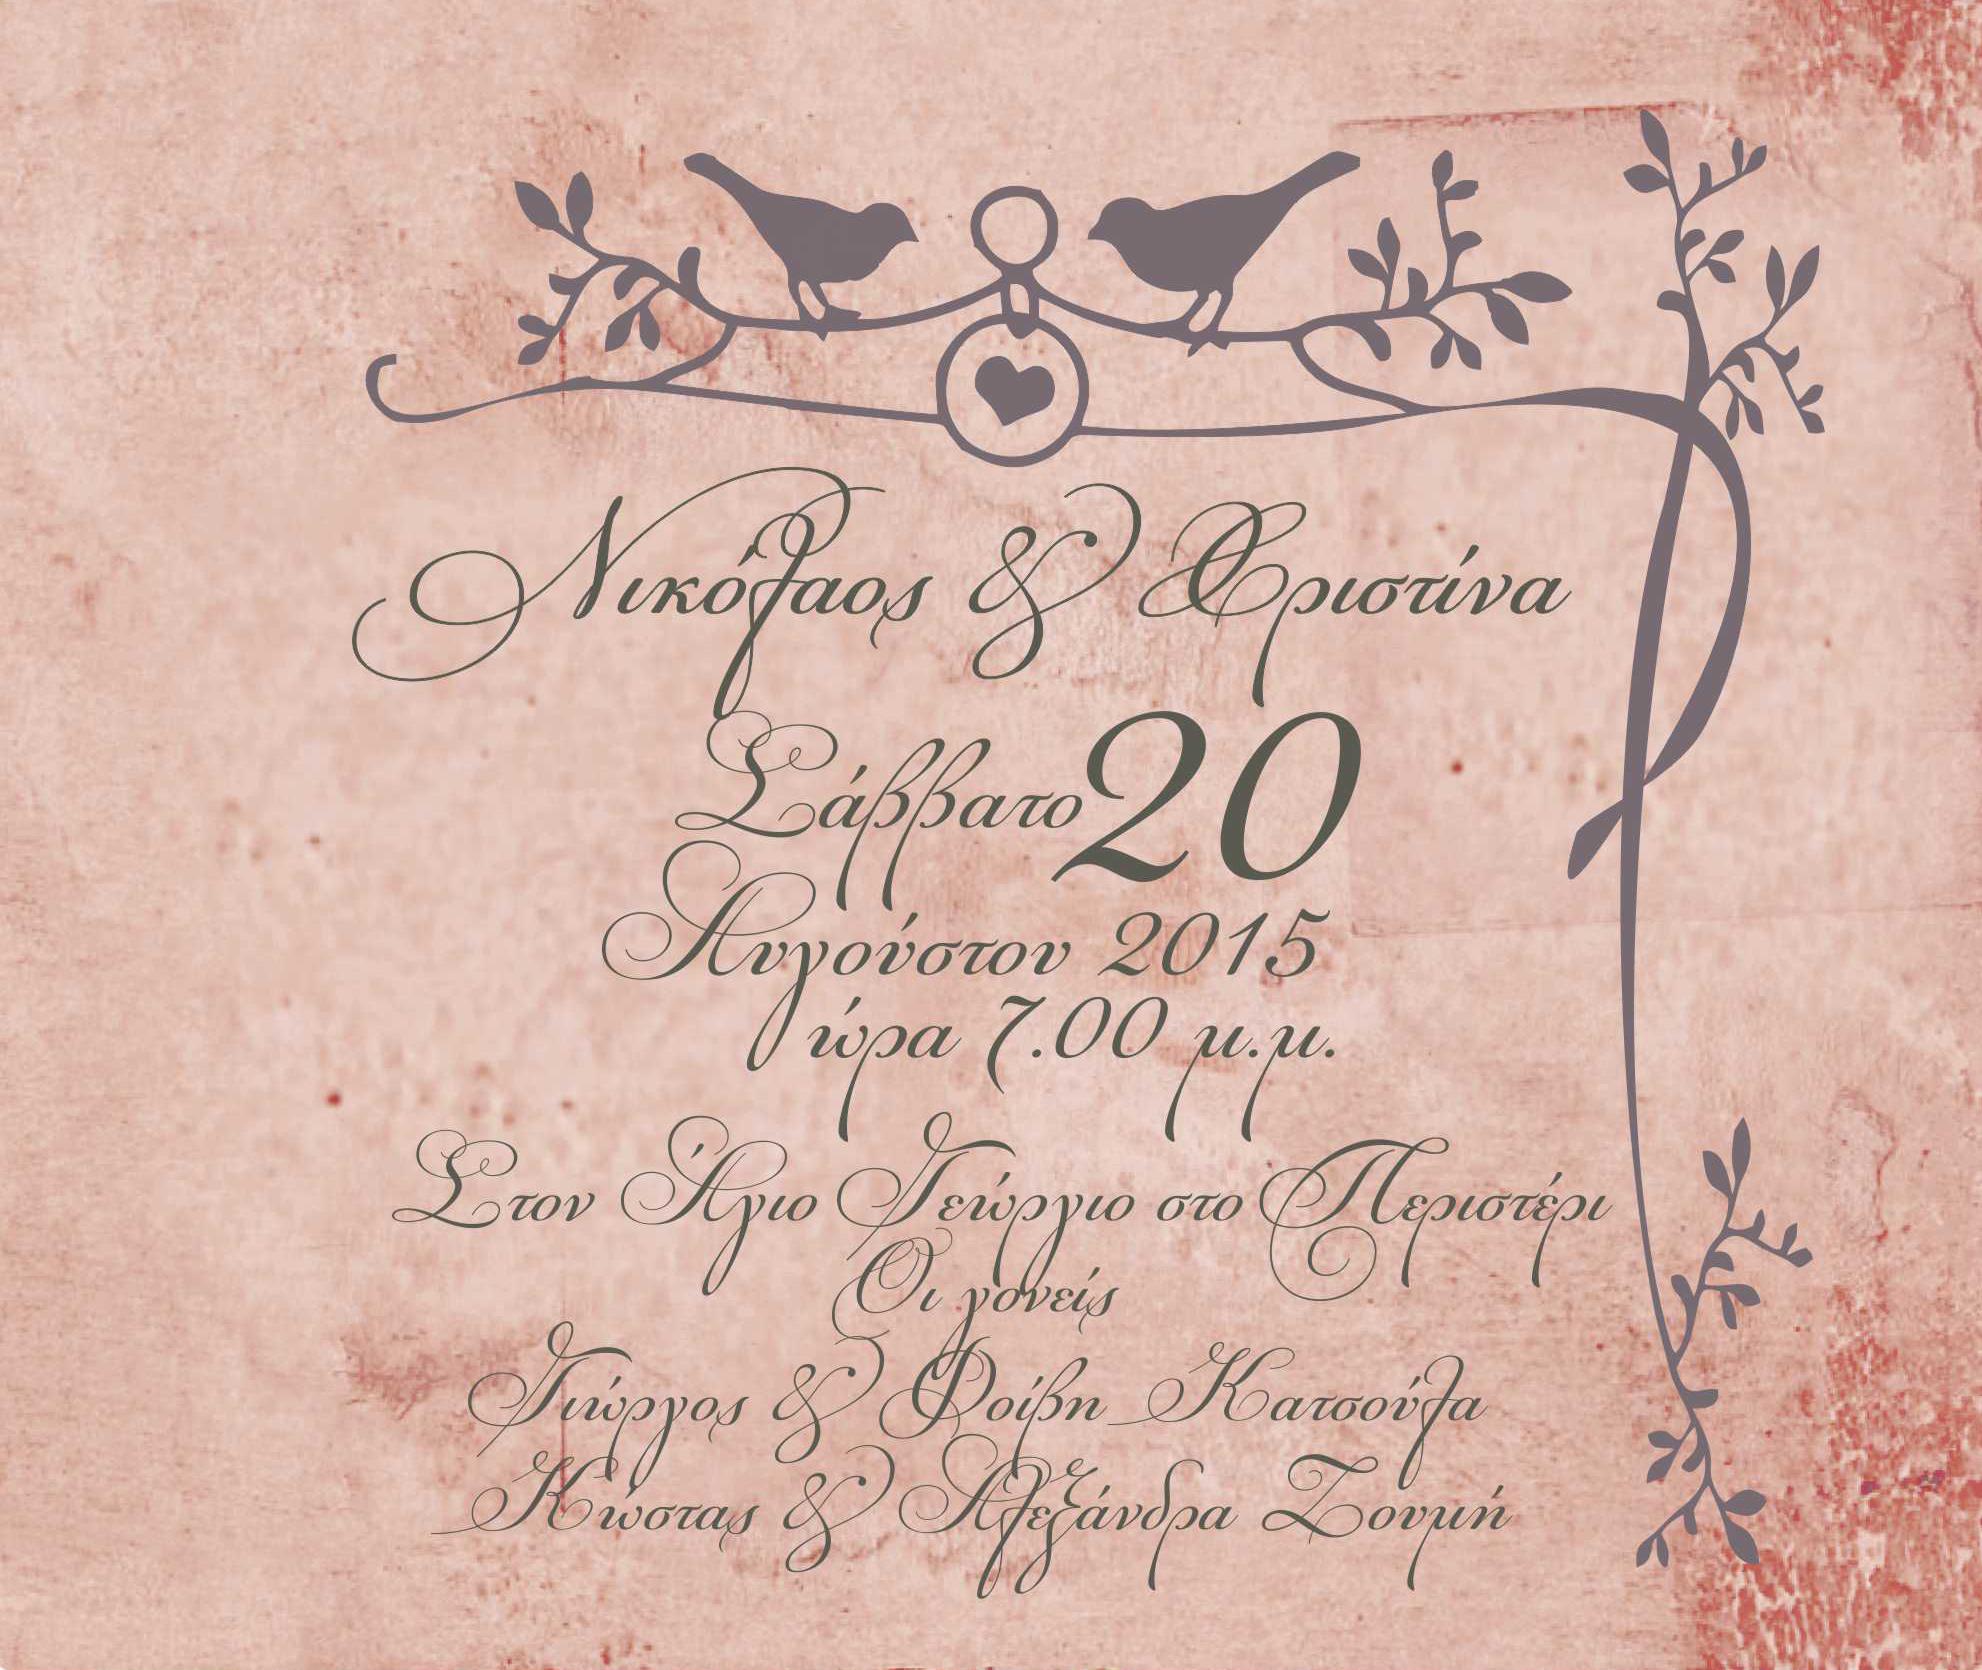 Προσκλητήριο Γάμου Vintage με πουλάκια σε κλαδί 76